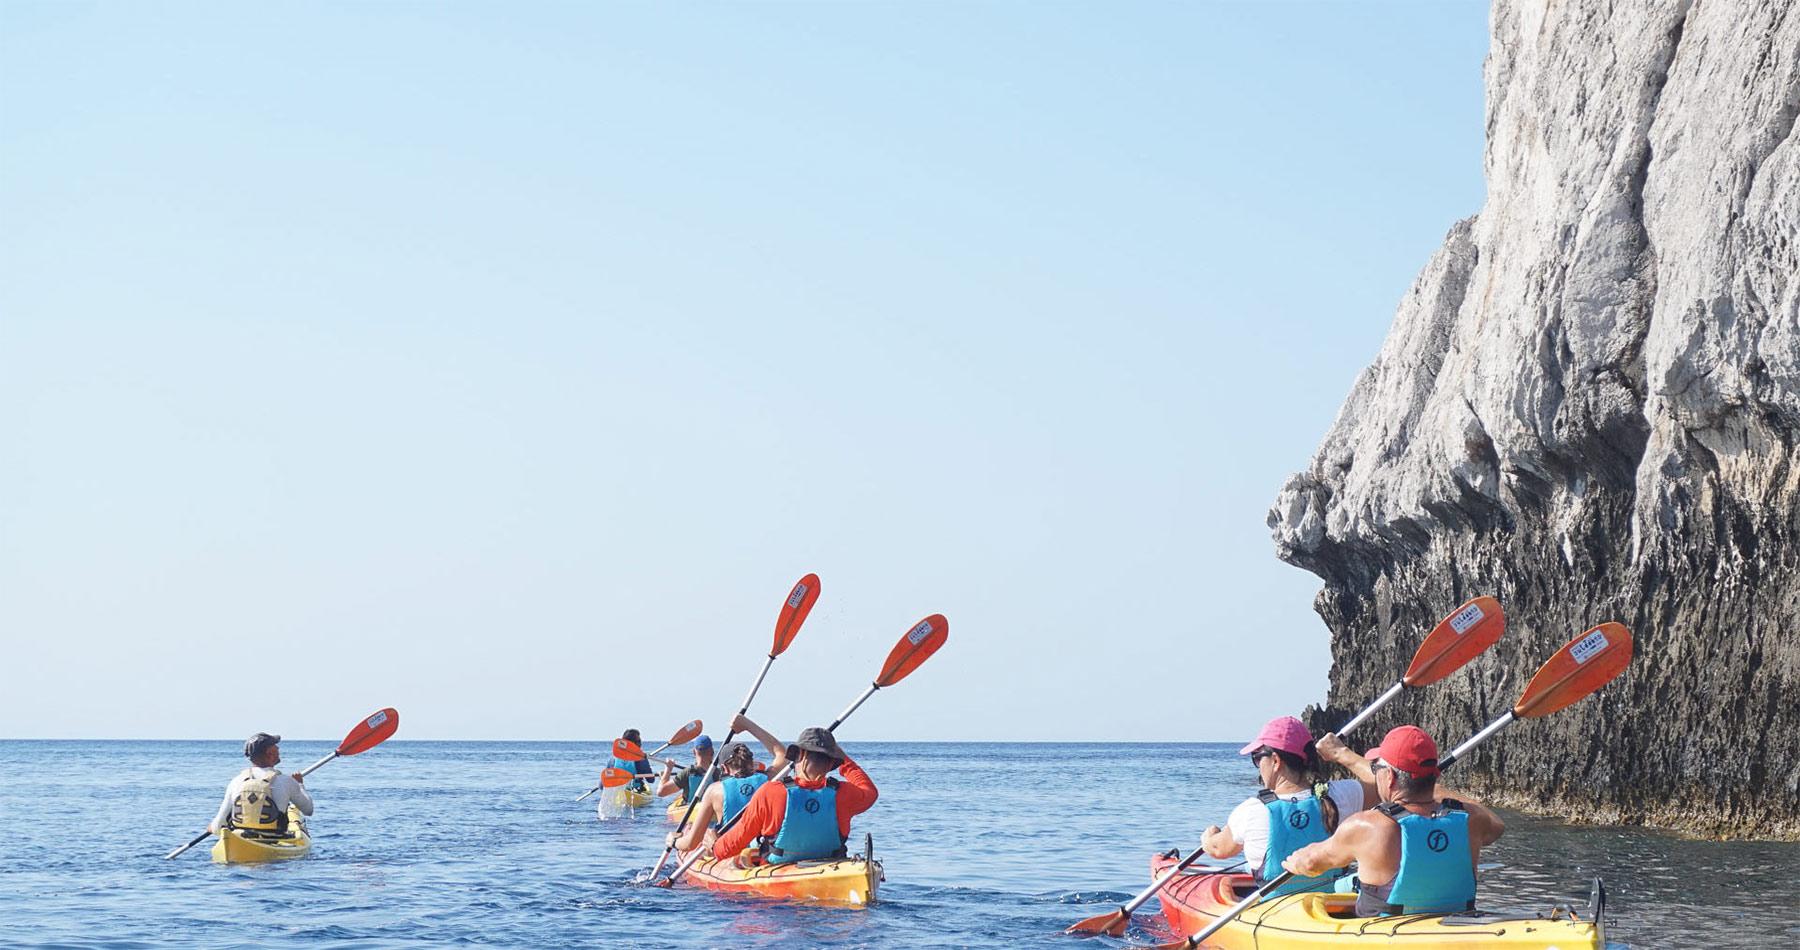 Rhodes Experiences sea kayaking tour the pirates route 13